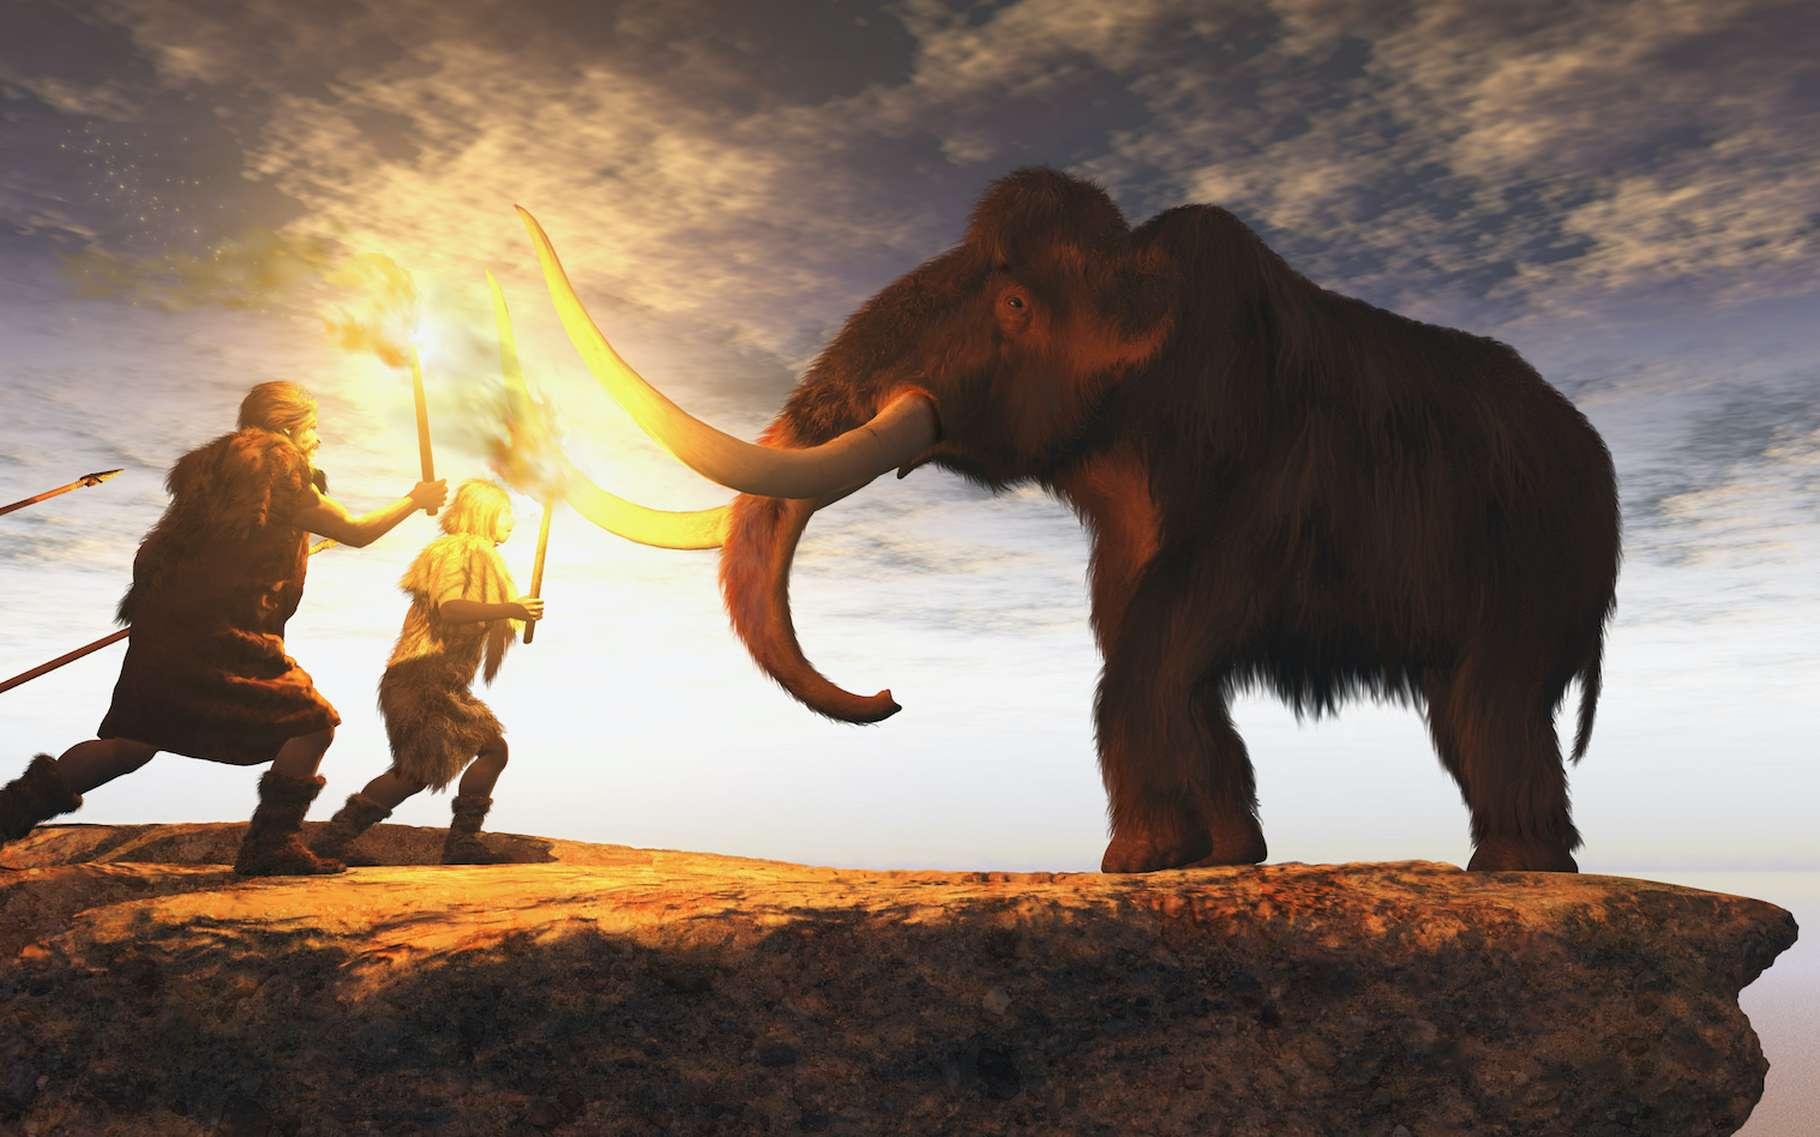 Le développement du cerveau humain et la disparition des grands mammifères seraient liés - Futura